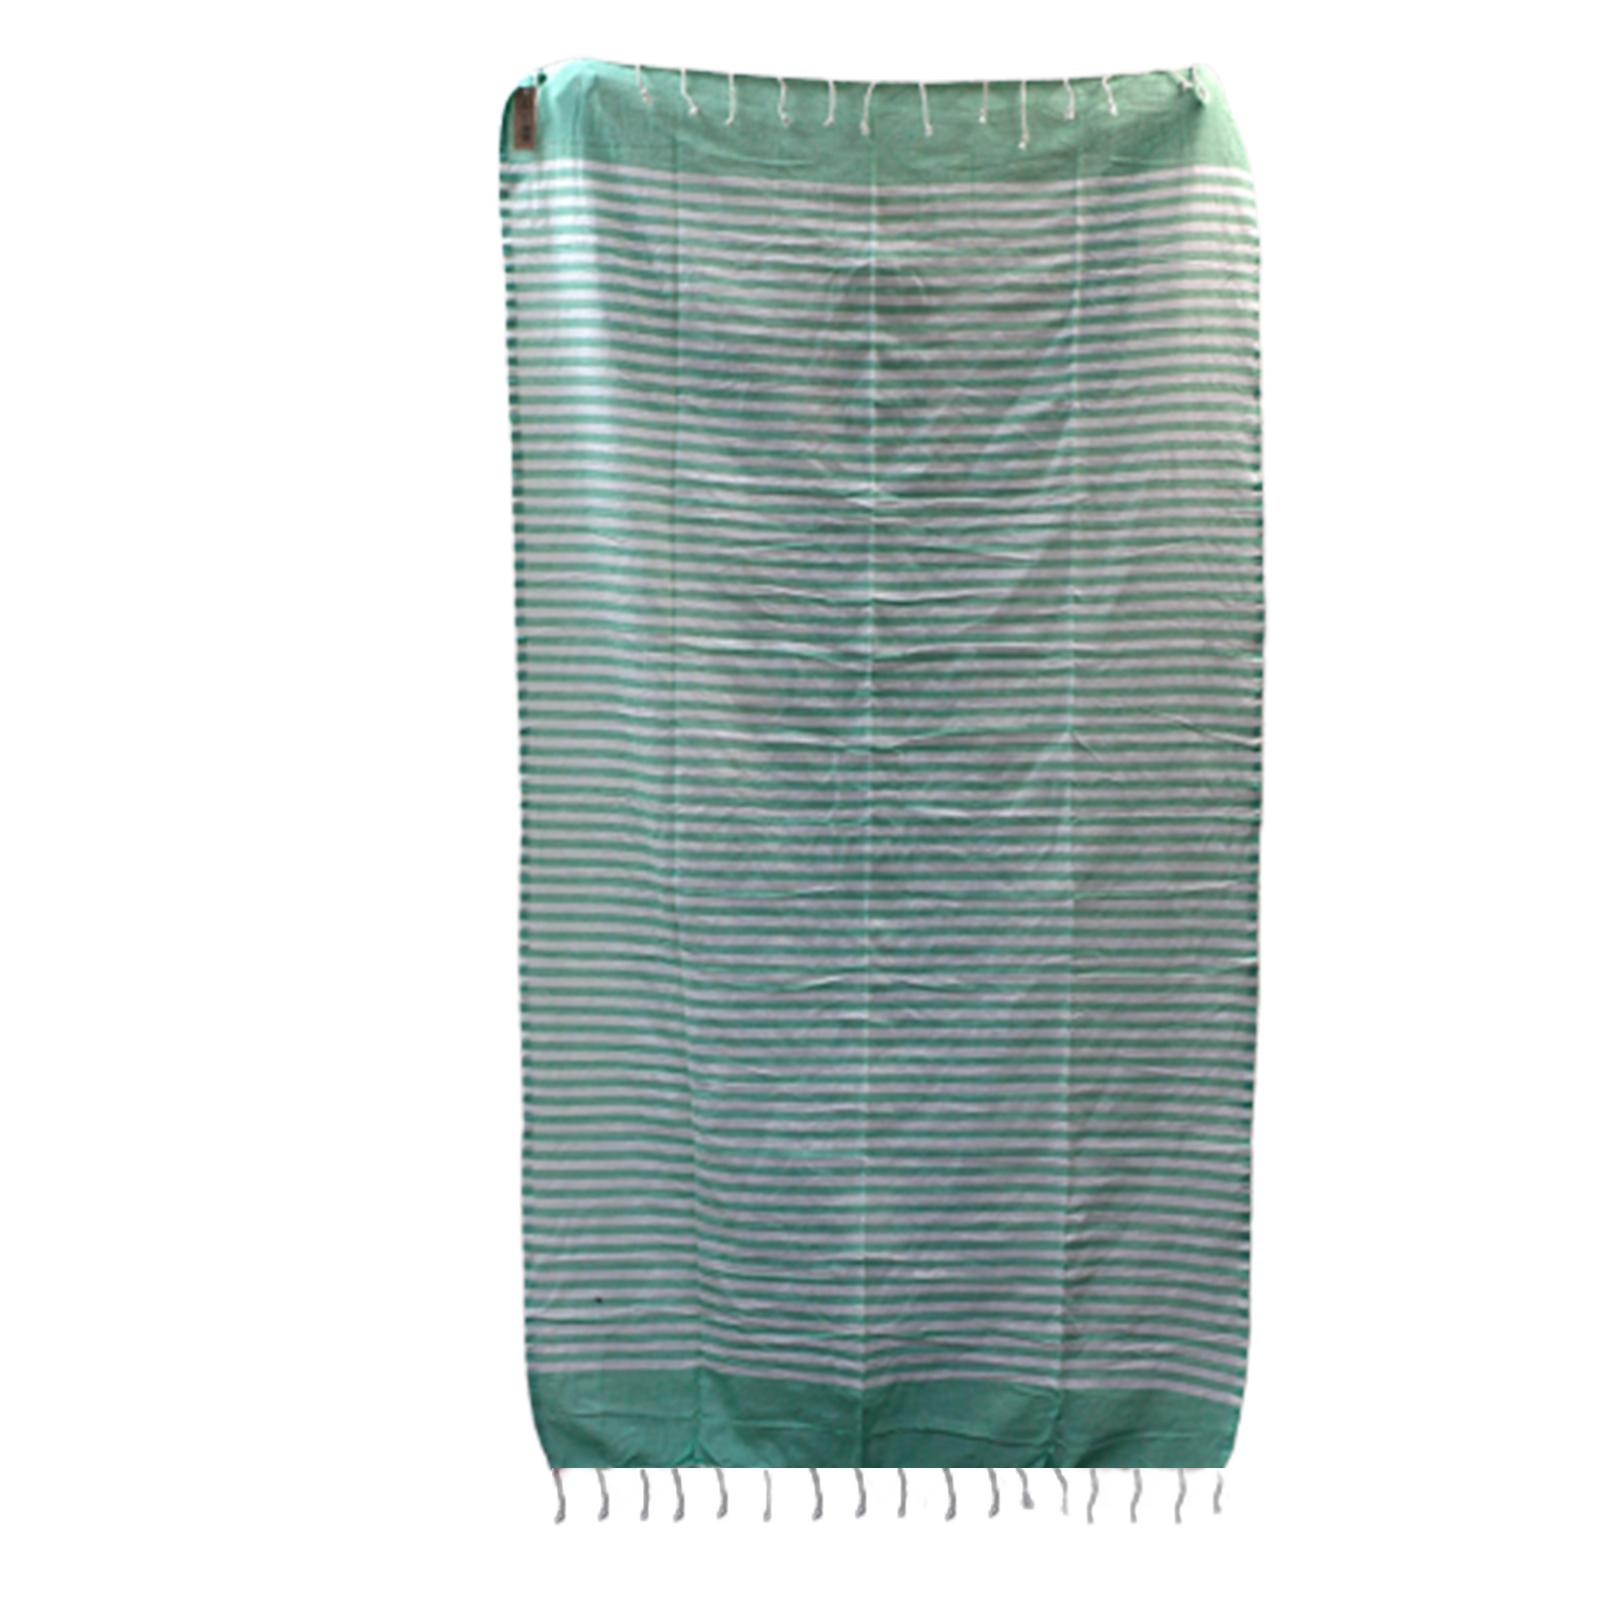 Cotton Pario Throw 100x180 cm Picnic Green